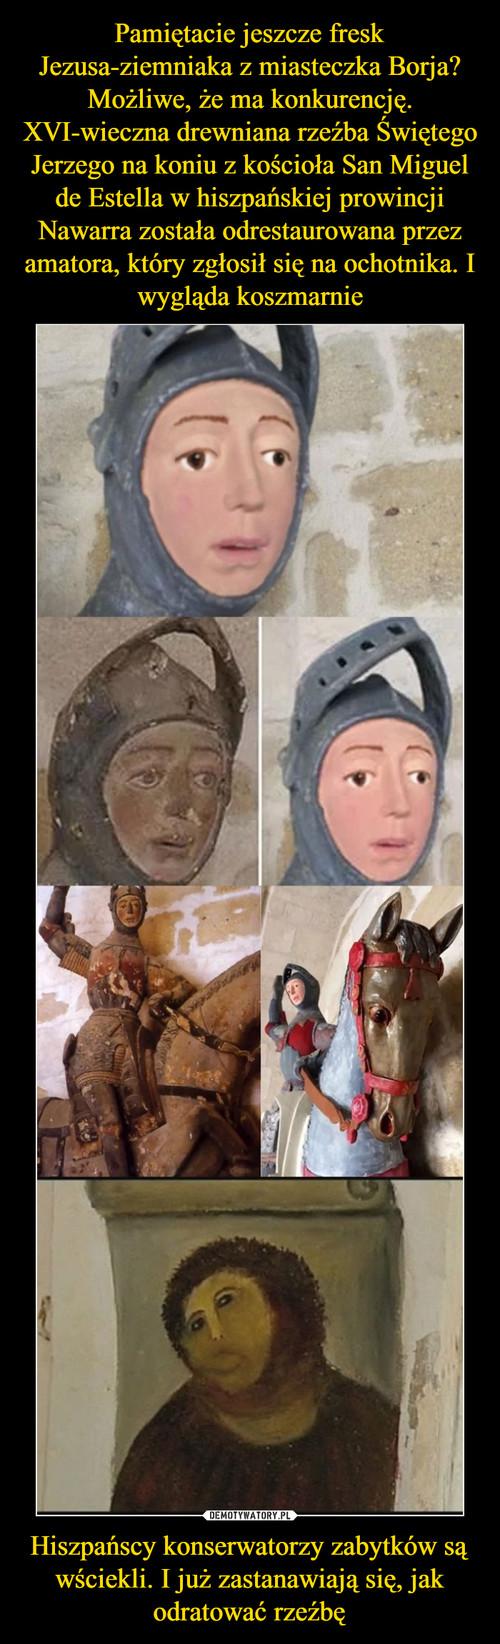 Pamiętacie jeszcze fresk Jezusa-ziemniaka z miasteczka Borja? Możliwe, że ma konkurencję. XVI-wieczna drewniana rzeźba Świętego Jerzego na koniu z kościoła San Miguel de Estella w hiszpańskiej prowincji Nawarra została odrestaurowana przez amatora, który zgłosił się na ochotnika. I wygląda koszmarnie Hiszpańscy konserwatorzy zabytków są wściekli. I już zastanawiają się, jak odratować rzeźbę